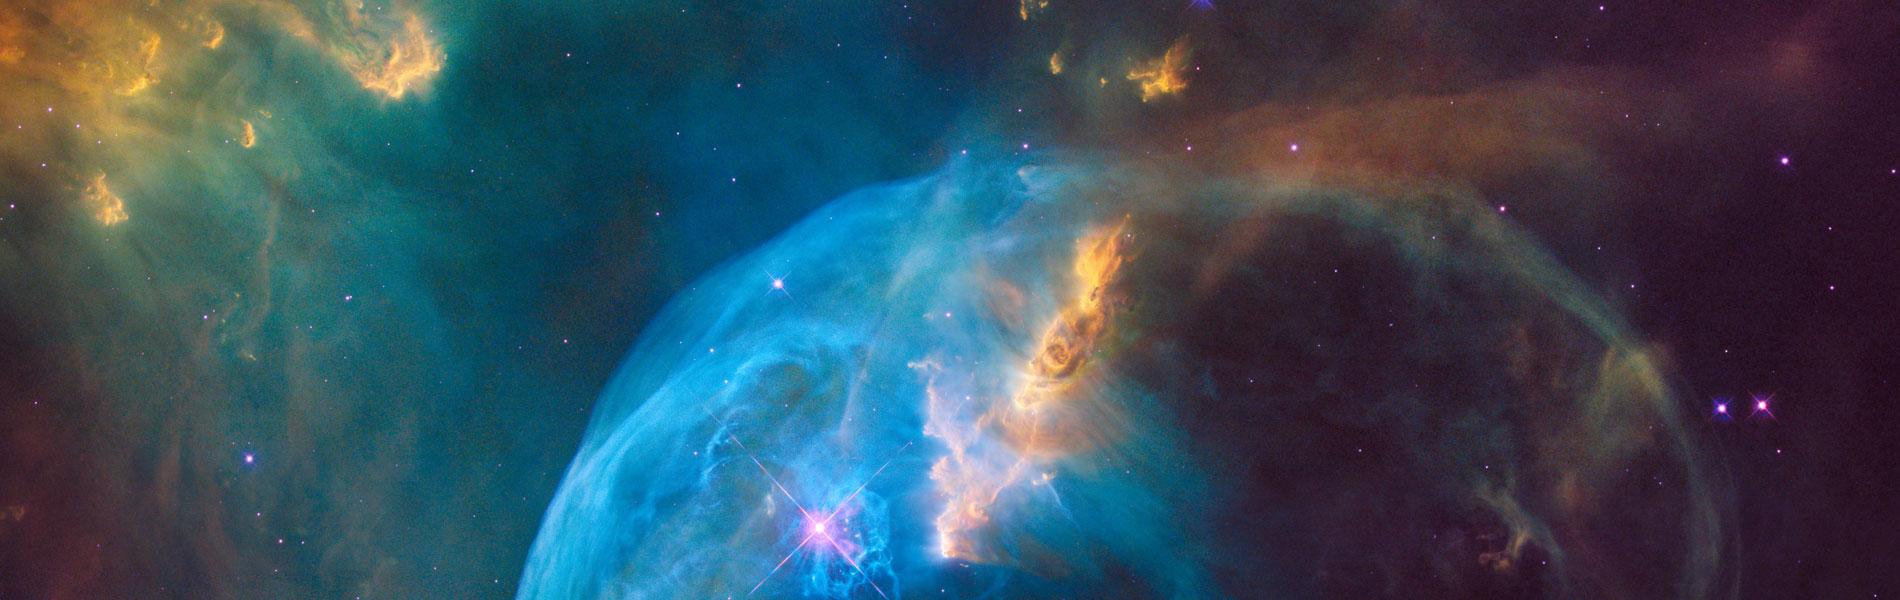 Clarken Avaruusseikkailu ja Newtonin gravitaatiolaki